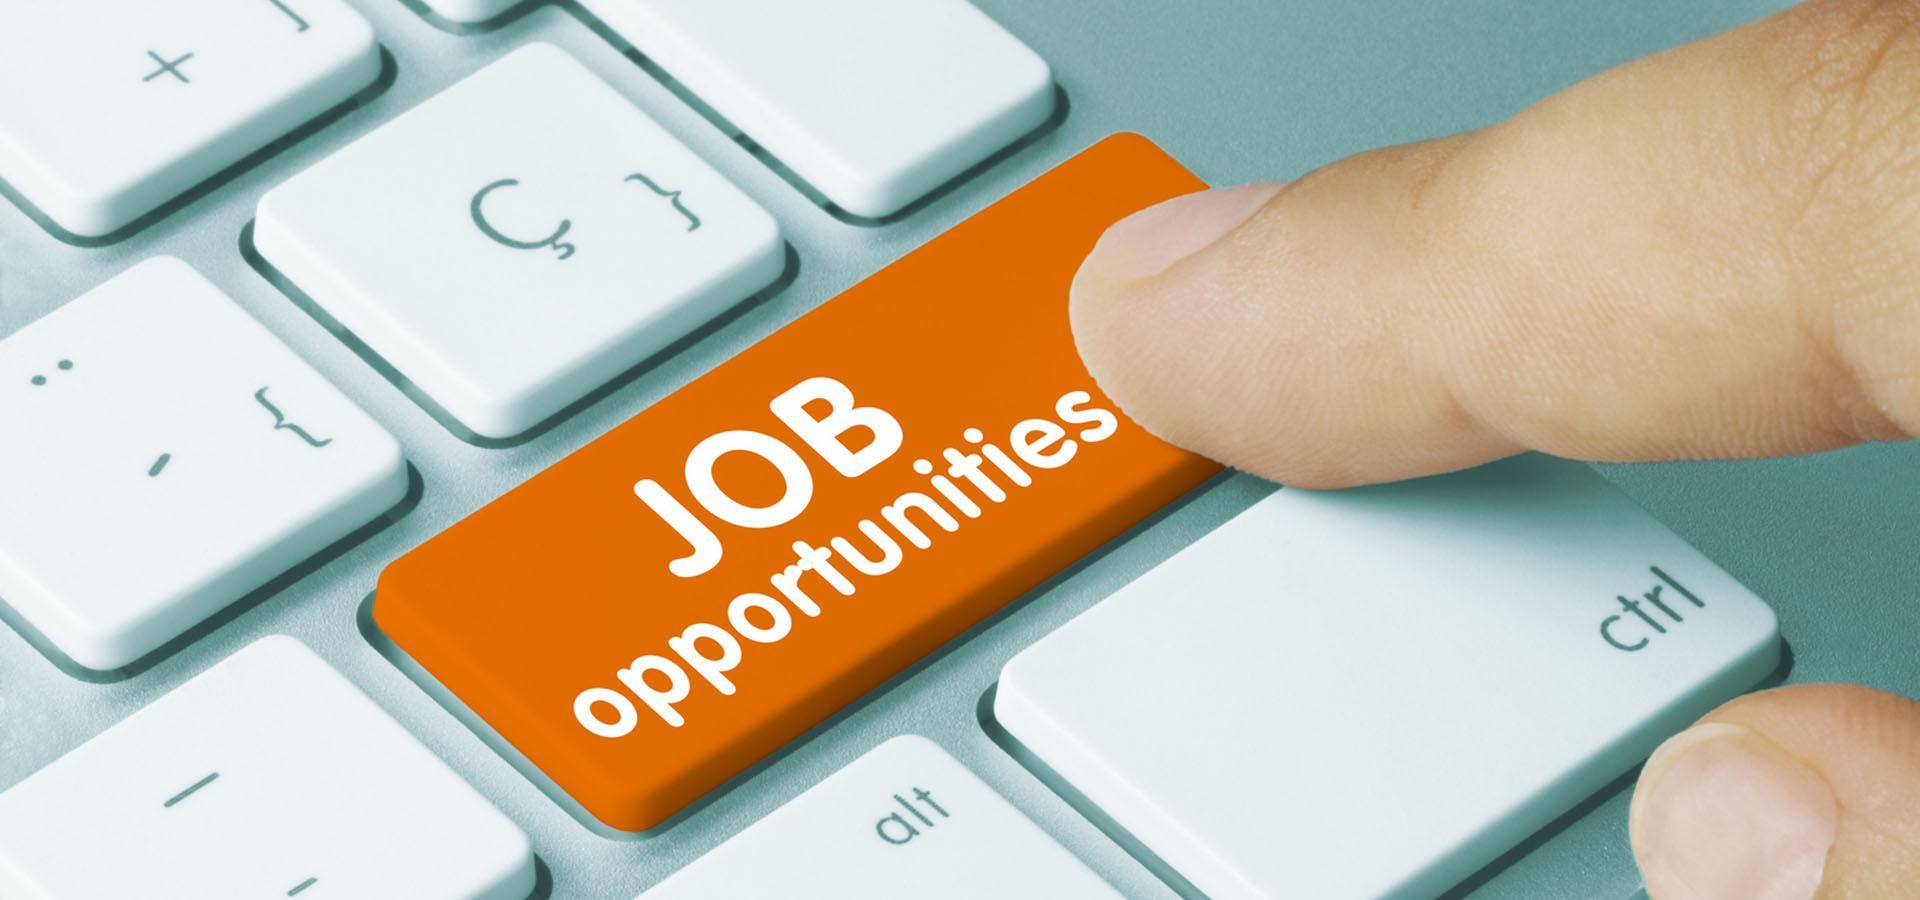 JUIDCO recruitment- मैनेजर एवं अन्य पदों पर भर्ती, मिलेगी 60,000 रूपए सैलरी